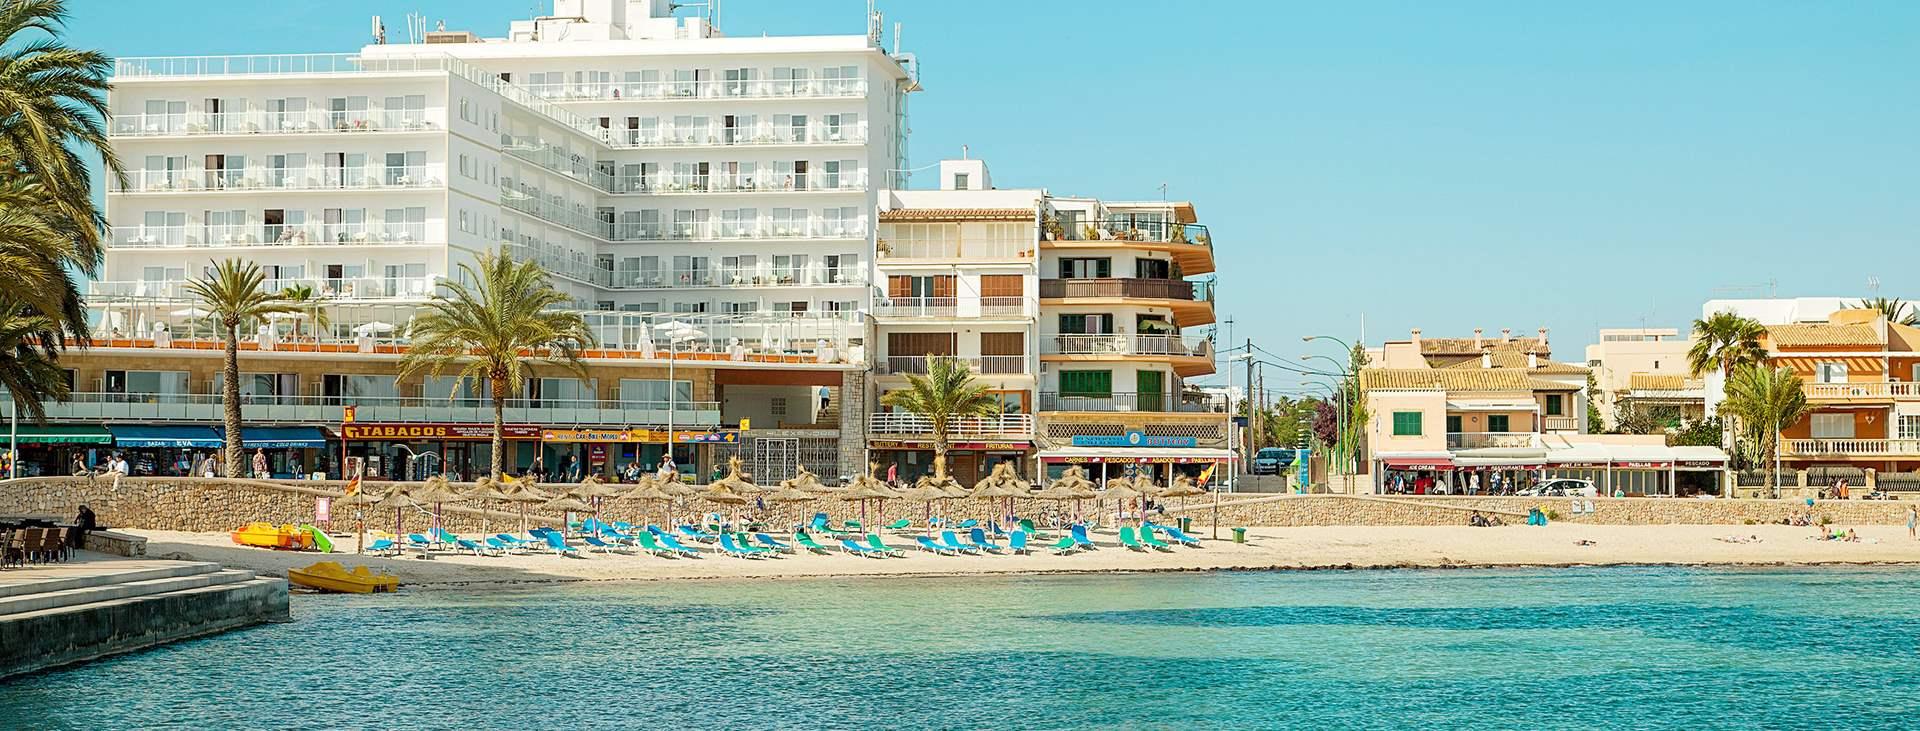 Boka din resa till Playa de Palma på Mallorca med Ving